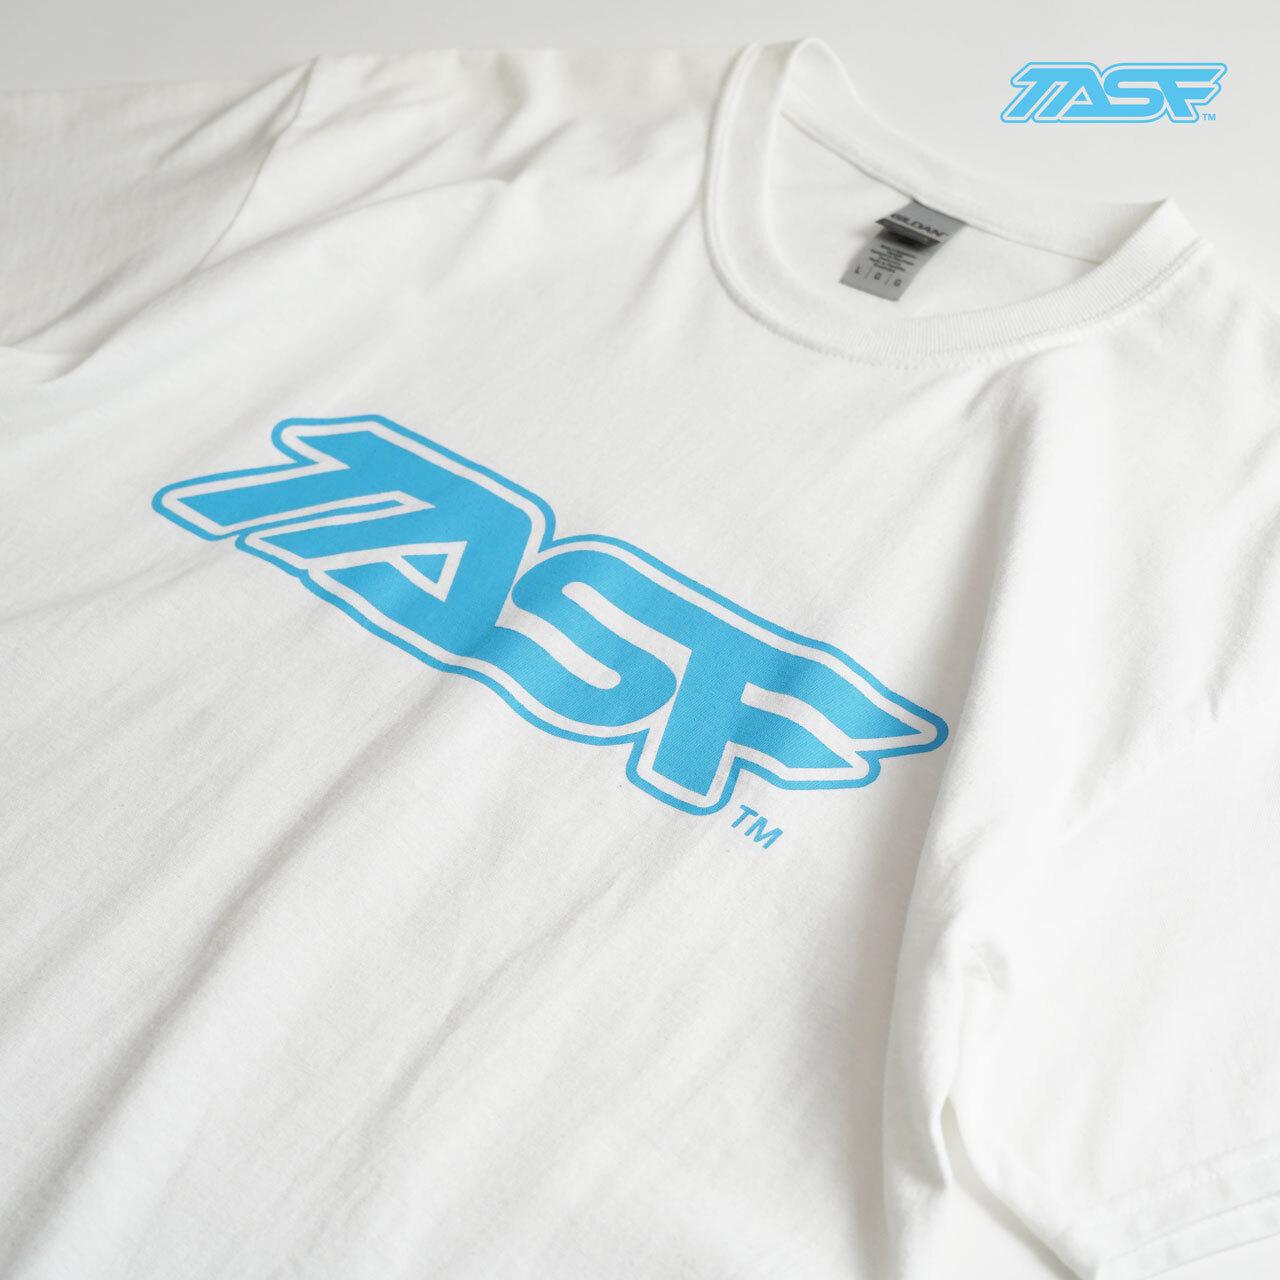 TASF  /  LOGO Tee  /  WH